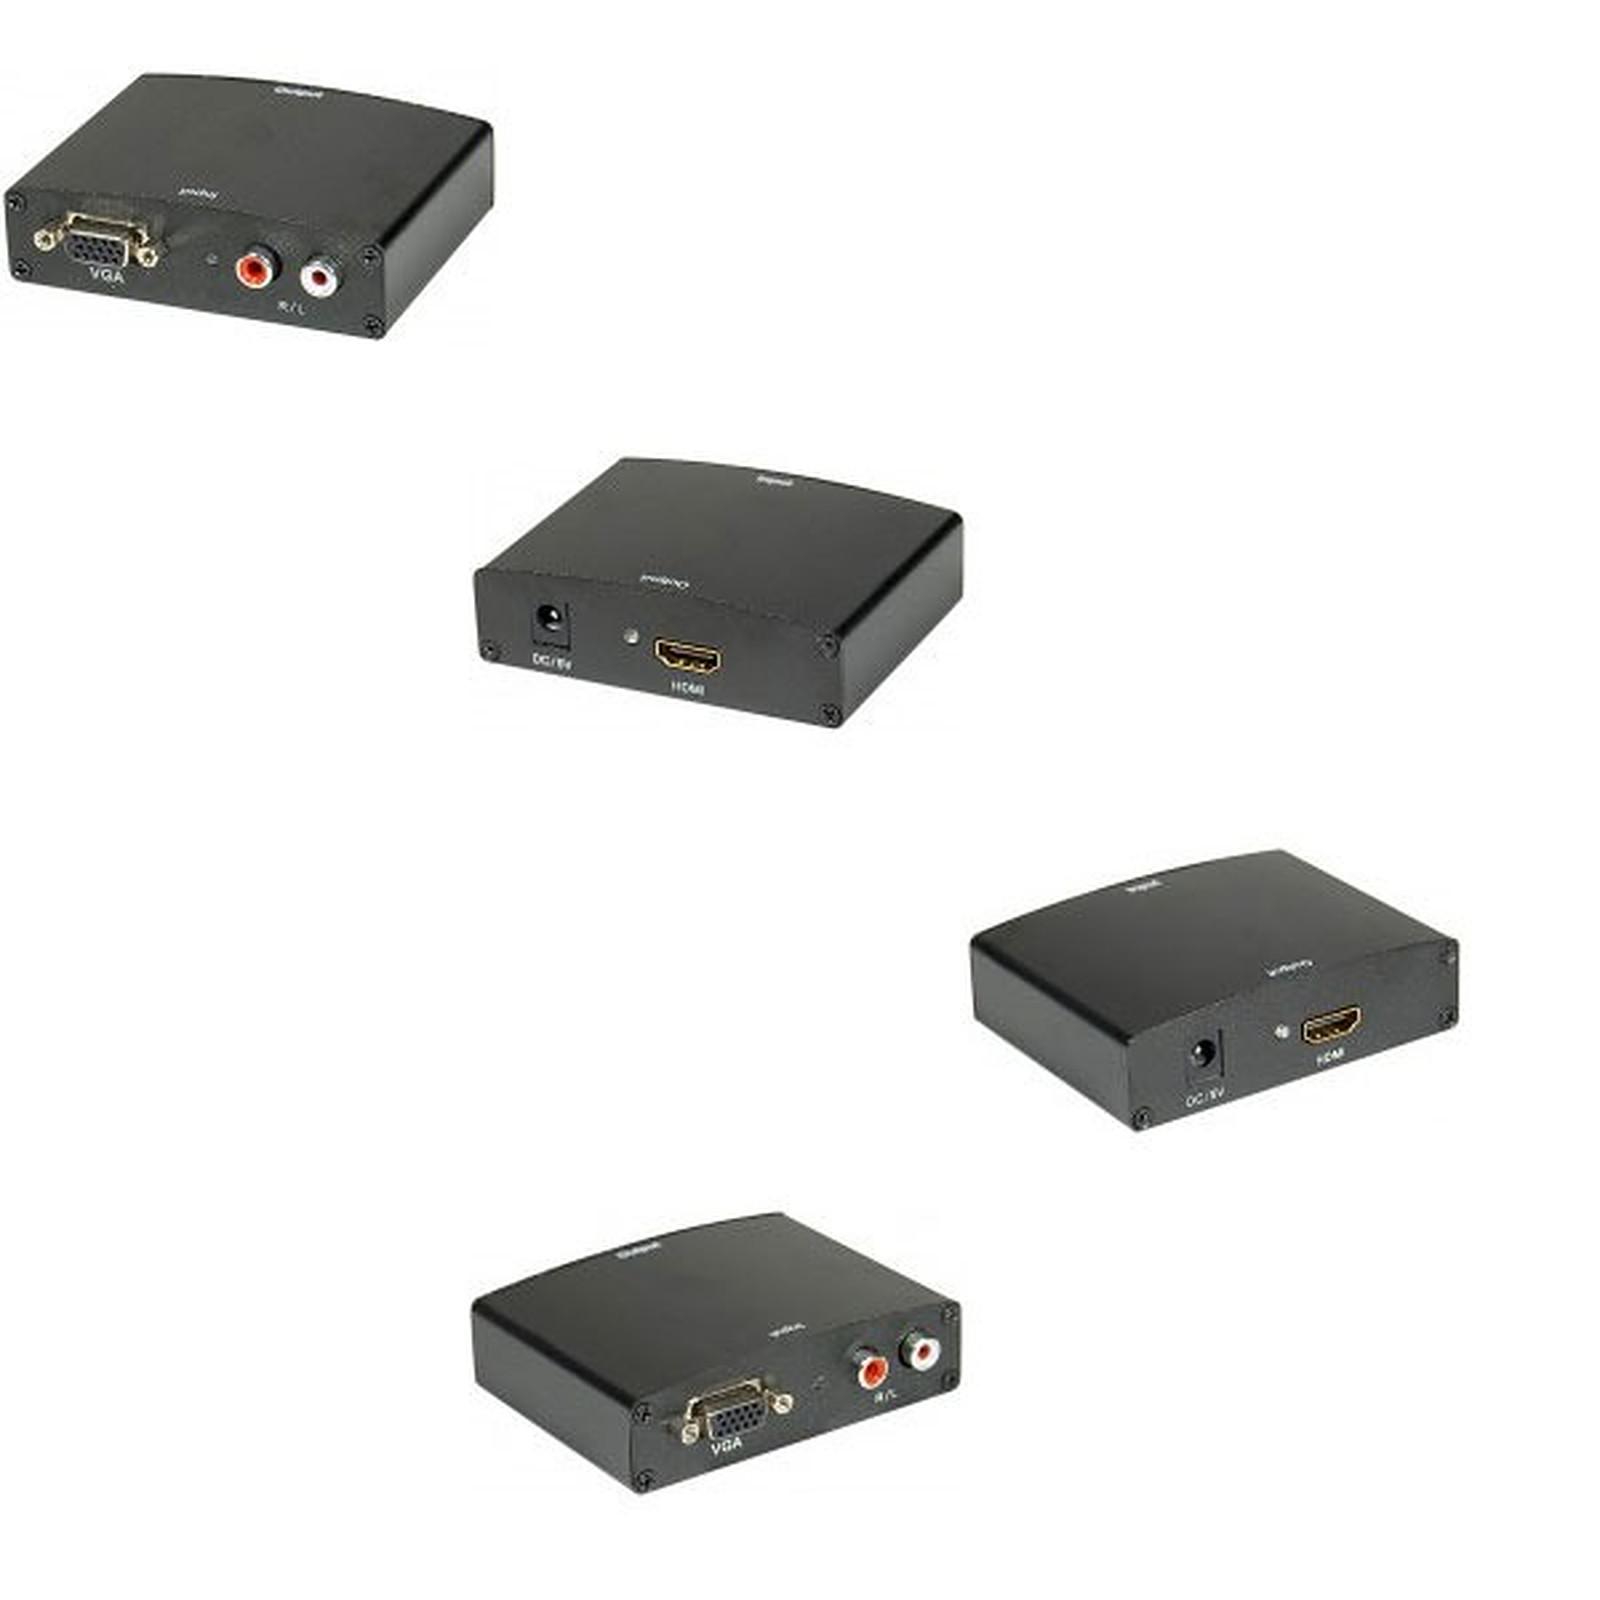 Convertisseur VGA + RCA vers HDMI